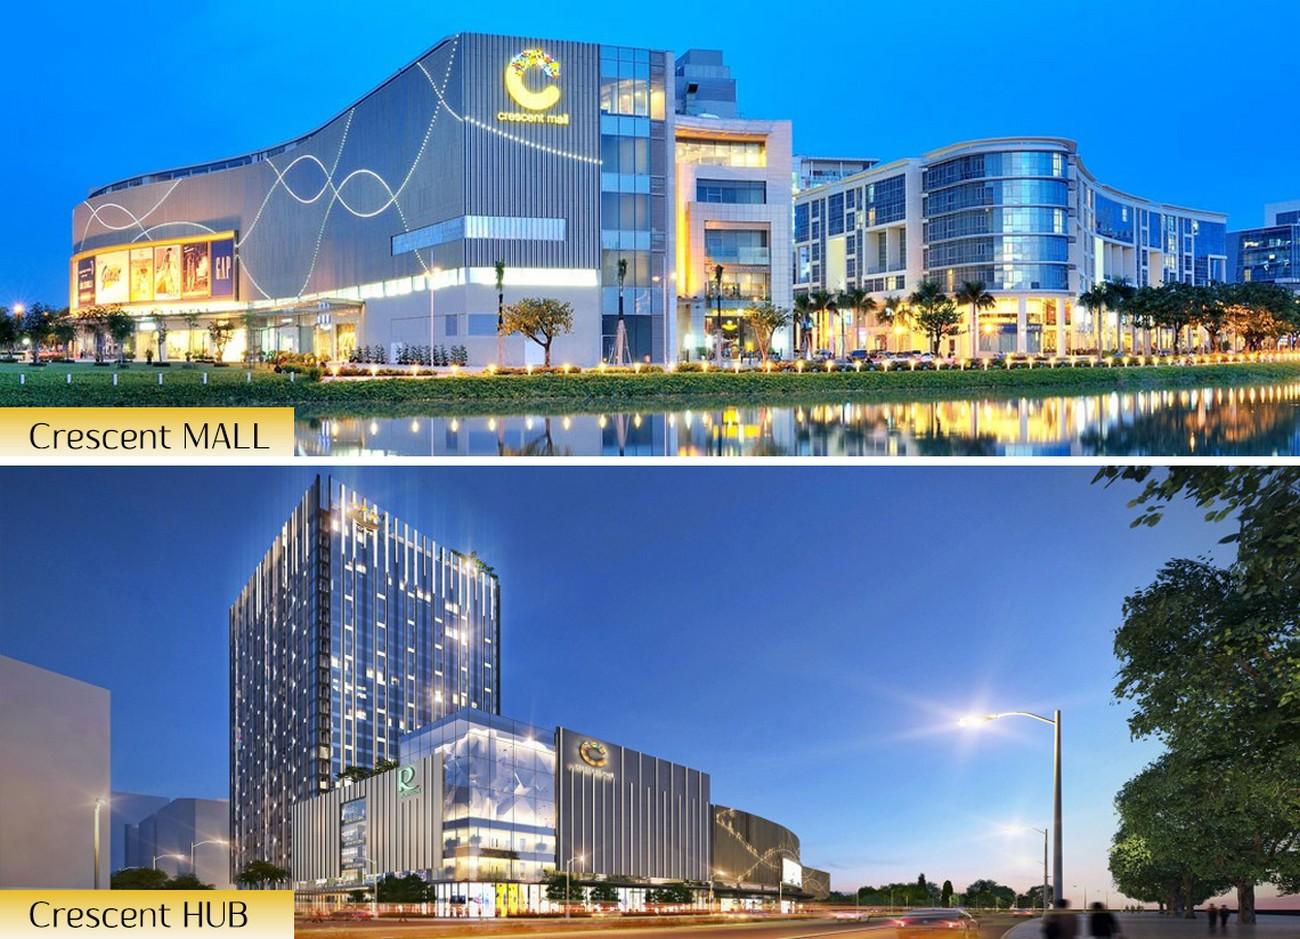 Trung tâm thương mại Crescent HUB (Crescent Mall 2) được khánh thành vào tháng 12/2019